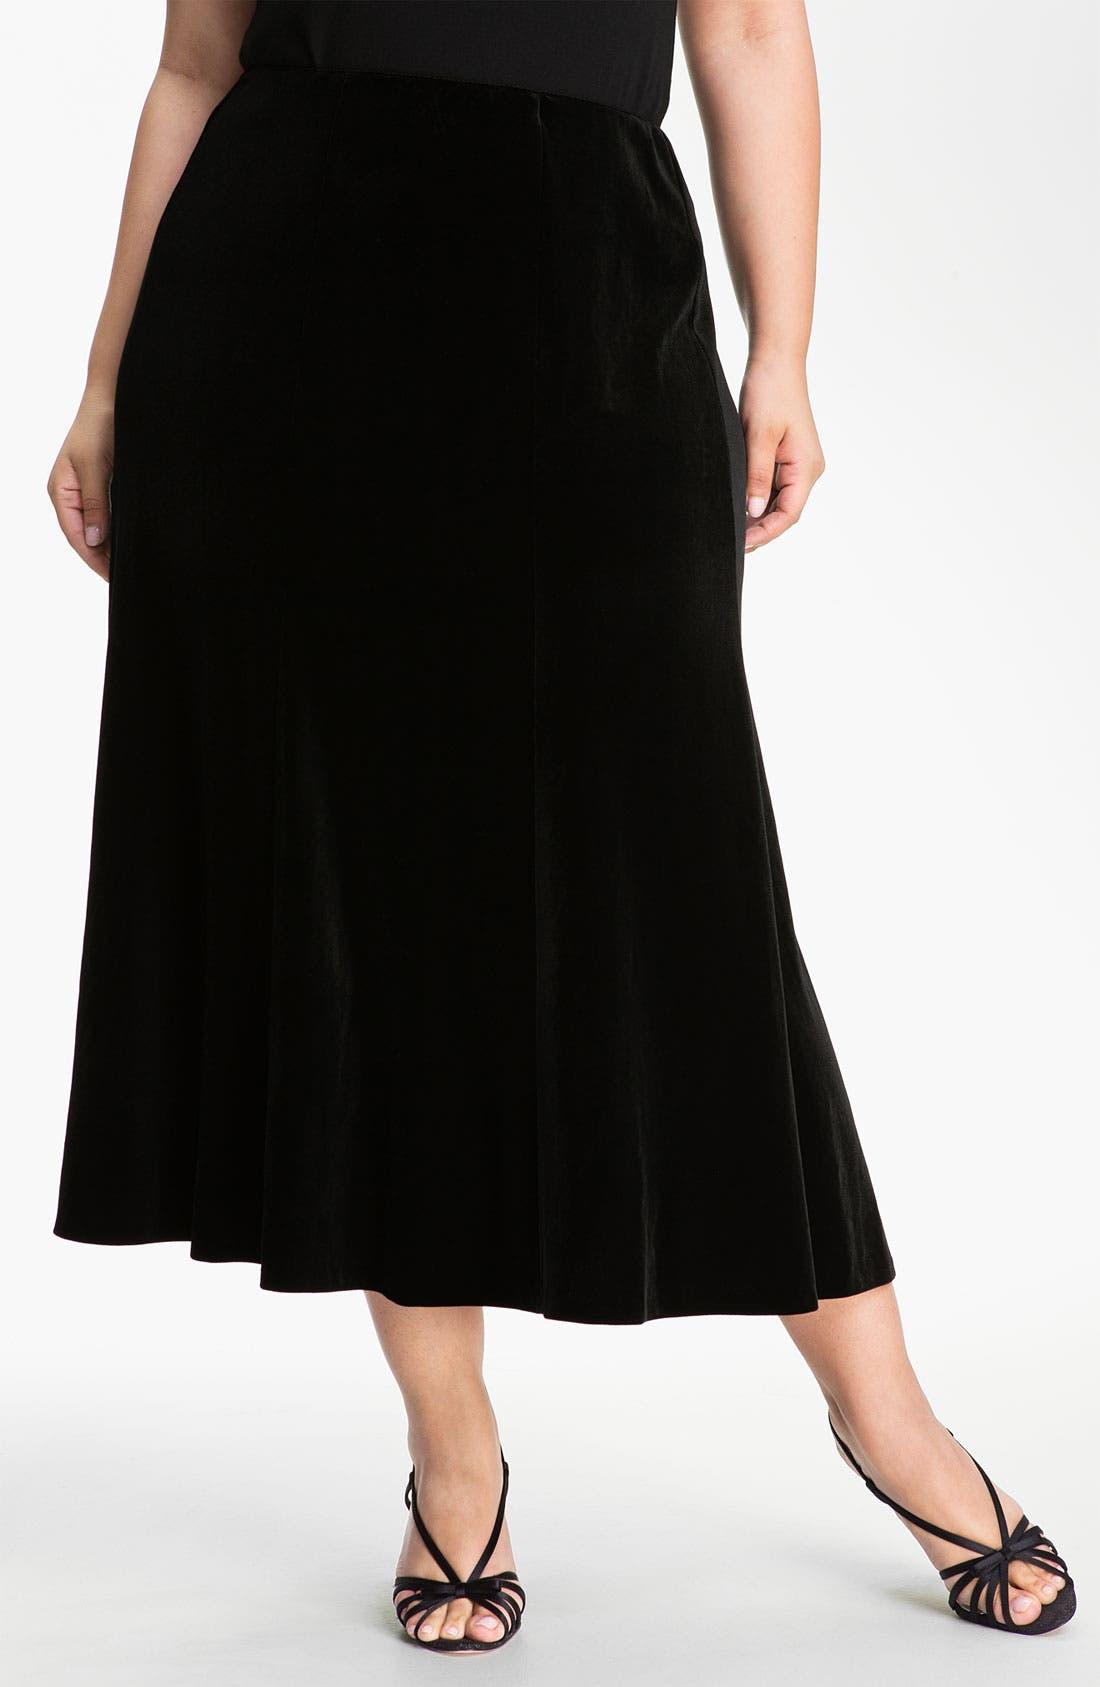 Alternate Image 1 Selected - Alex Evenings Velvet Skirt (Plus)